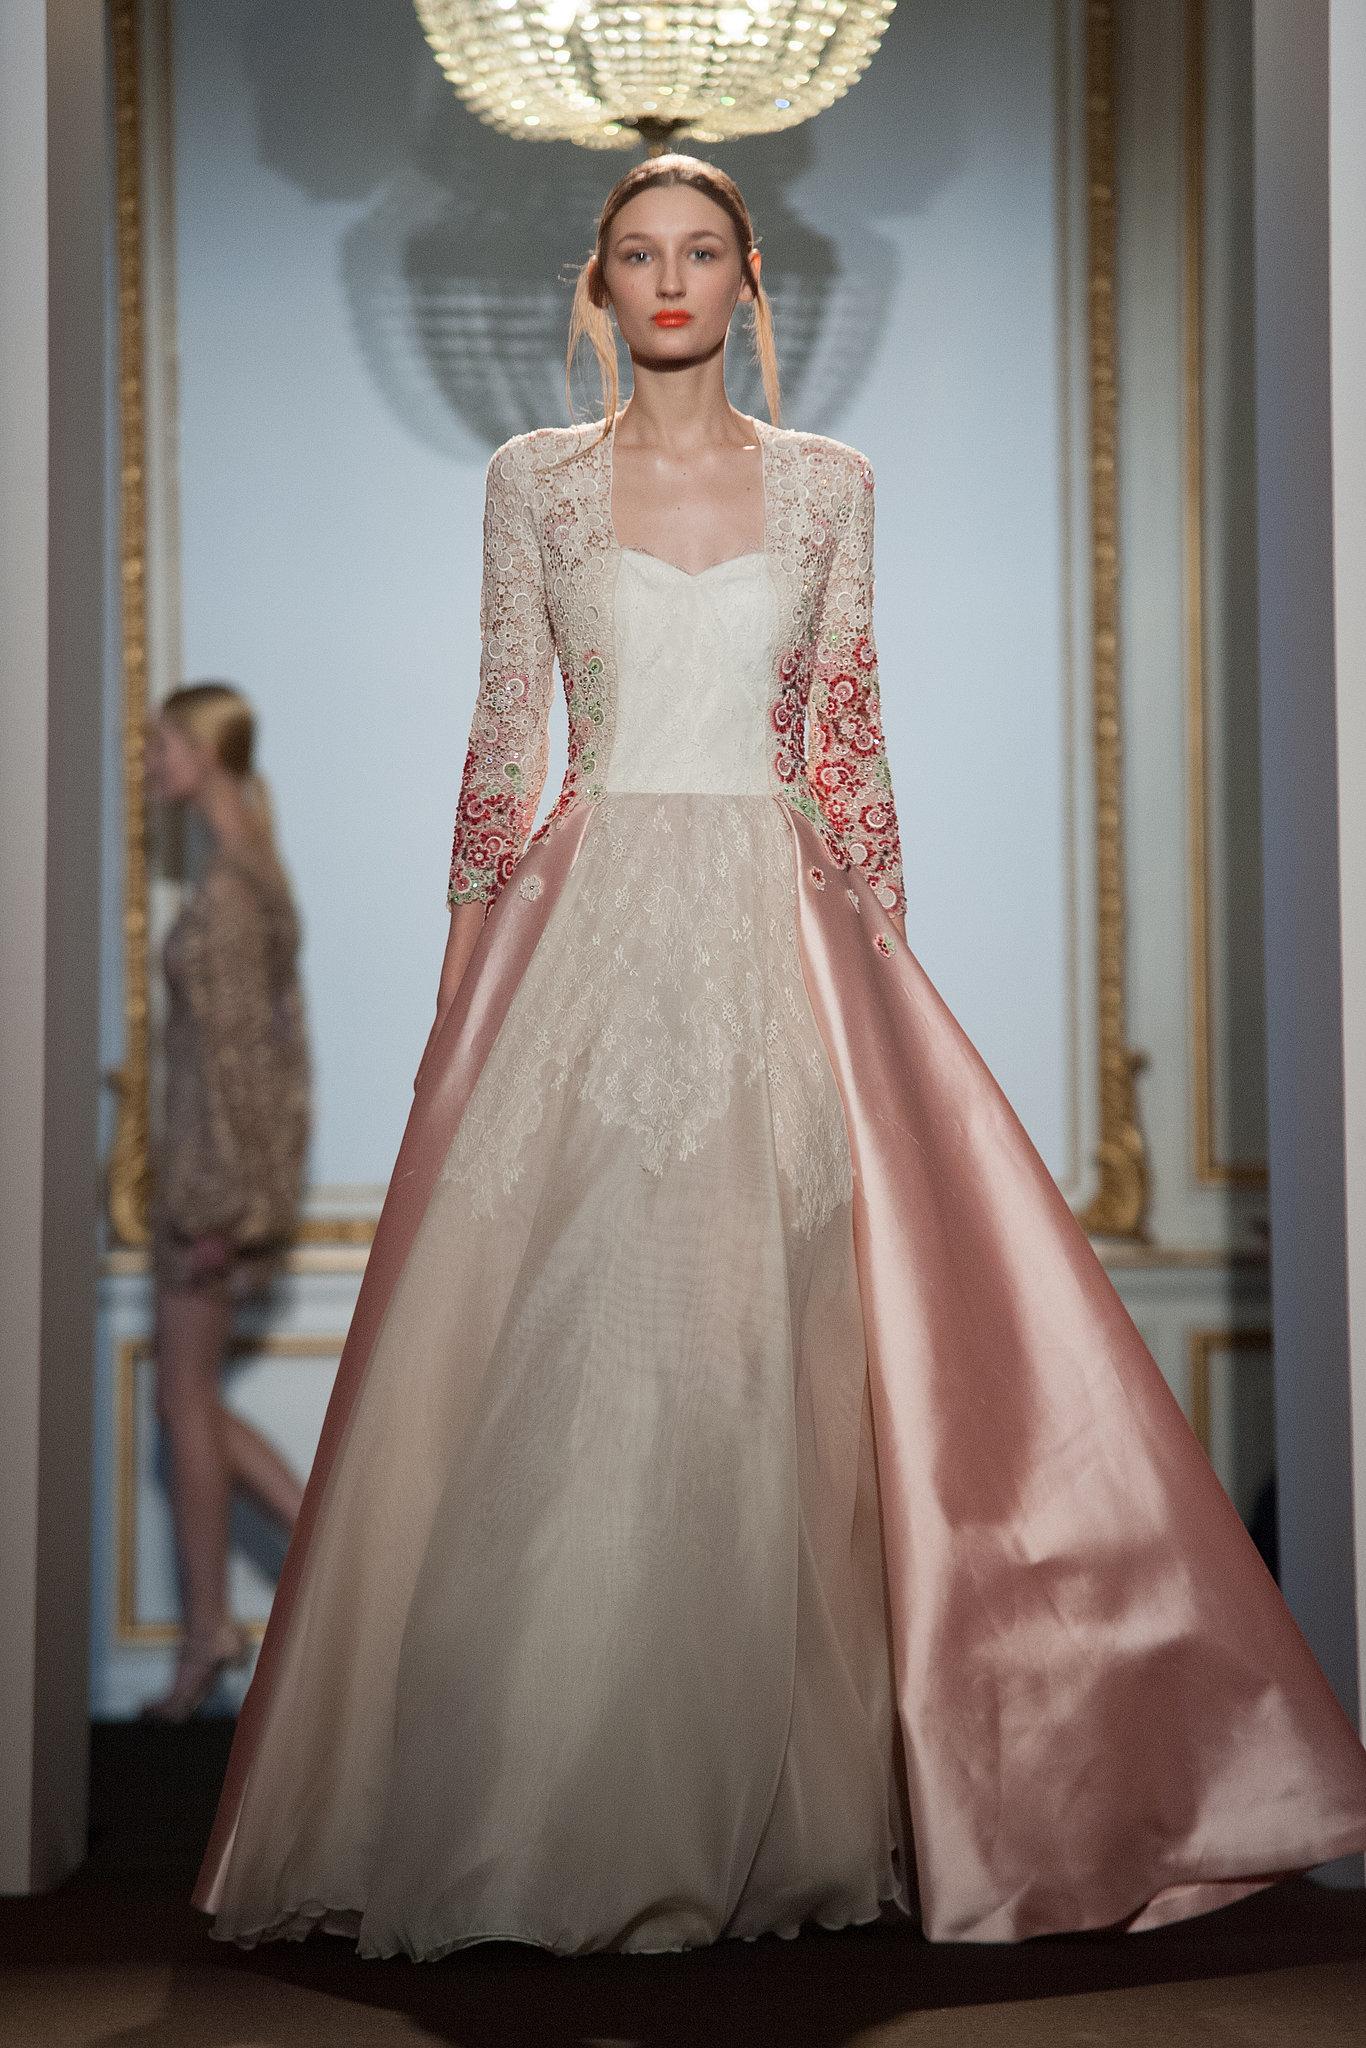 Niedlich Erschwinglich Couture Brautkleider Ideen - Hochzeit Kleid ...